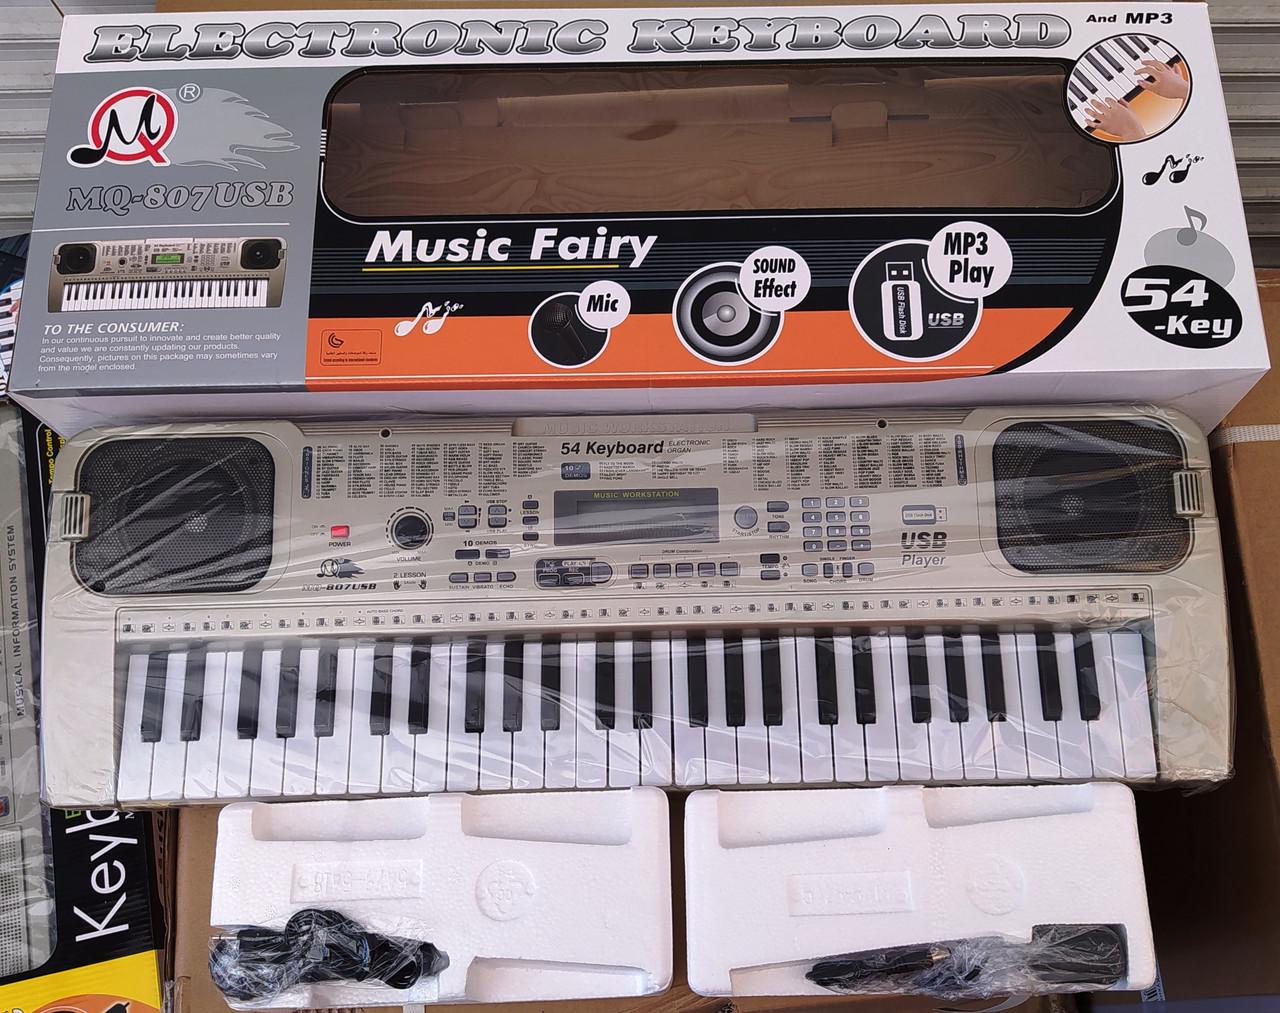 Детский орган синтезатор пианино MQ 807 USB mp3, микрофон, 54 клавиши, от сети